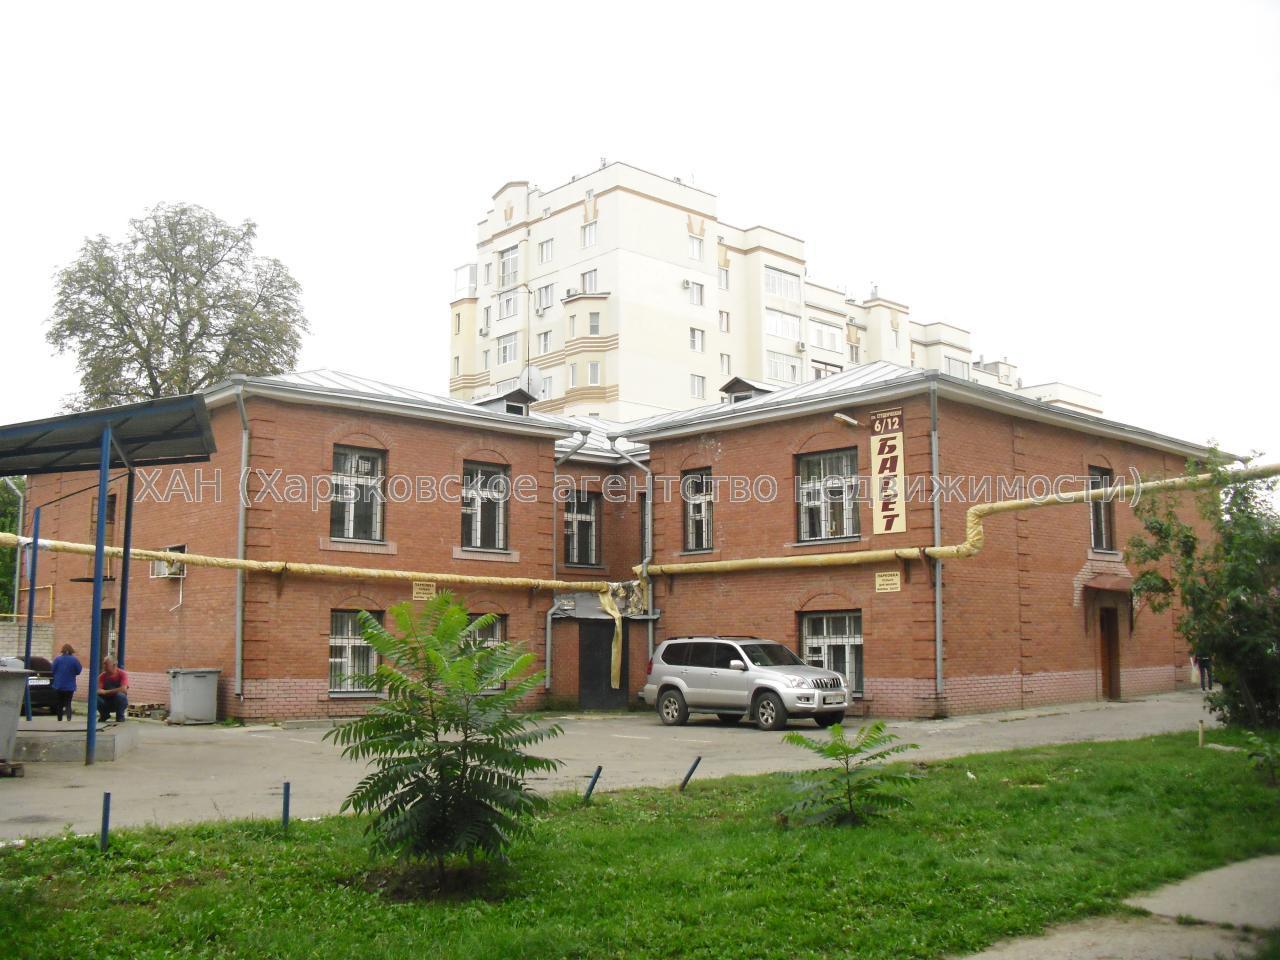 Фото - Продам производственное помещение Харьков, Студенческая ул.